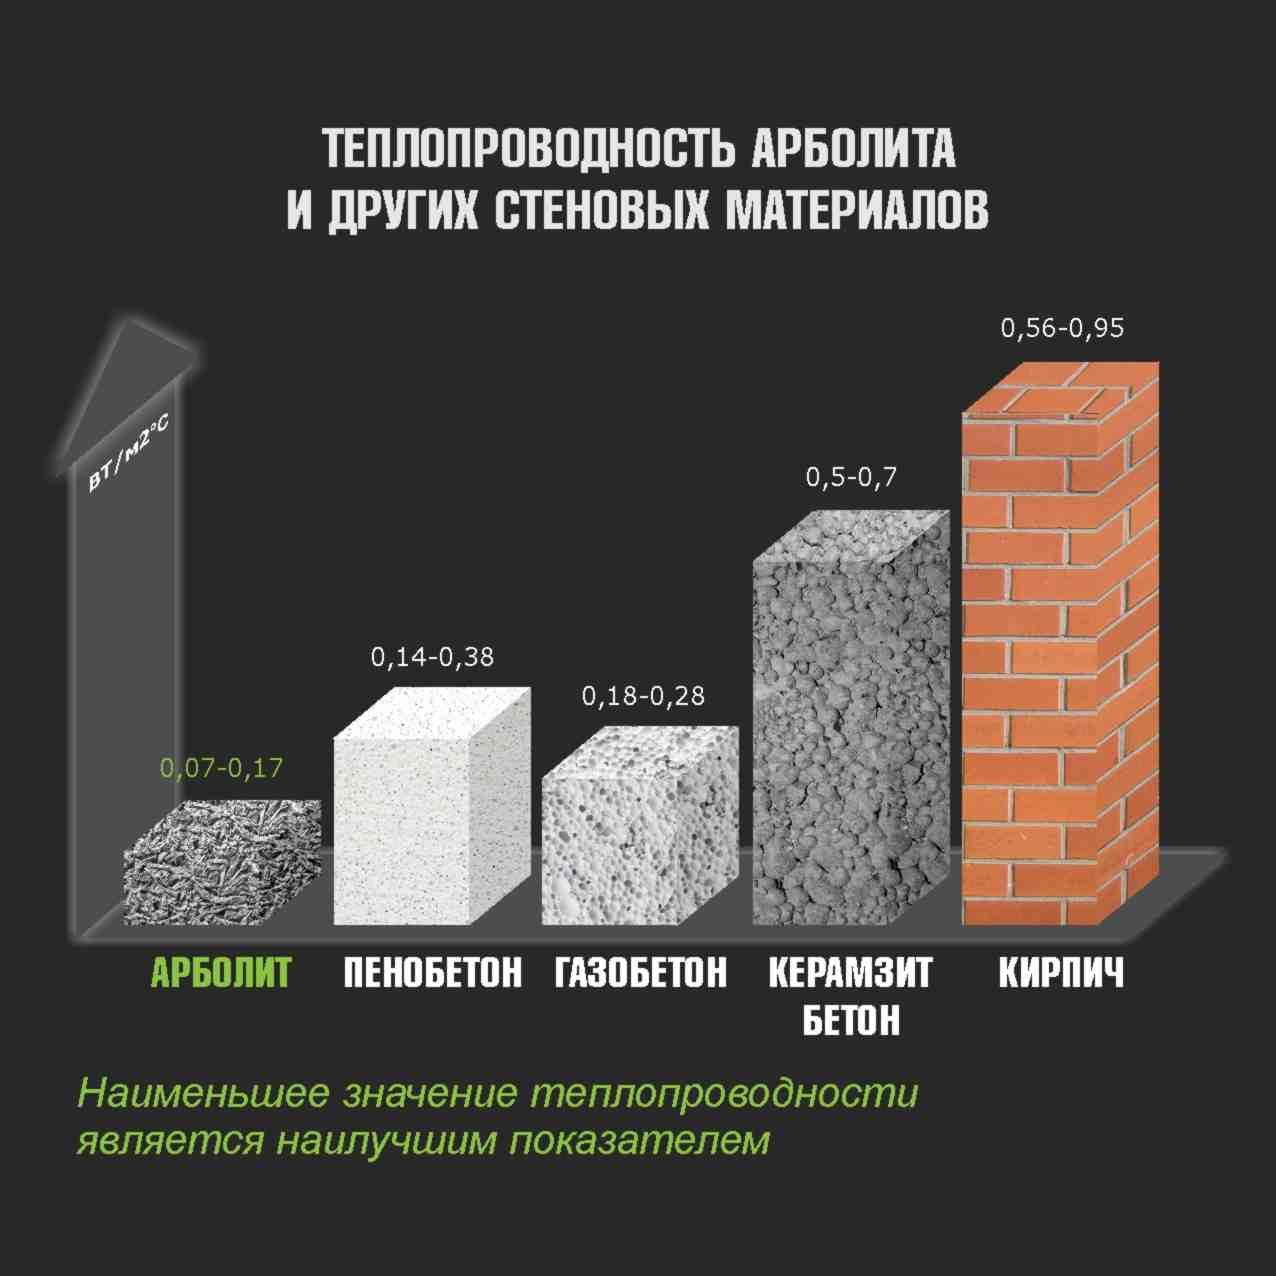 Какие блоки лучше использовать для строительства дома. пеноблок или газоблок: что лучше для возведения малоэтажных домов, отличия, характеристики.